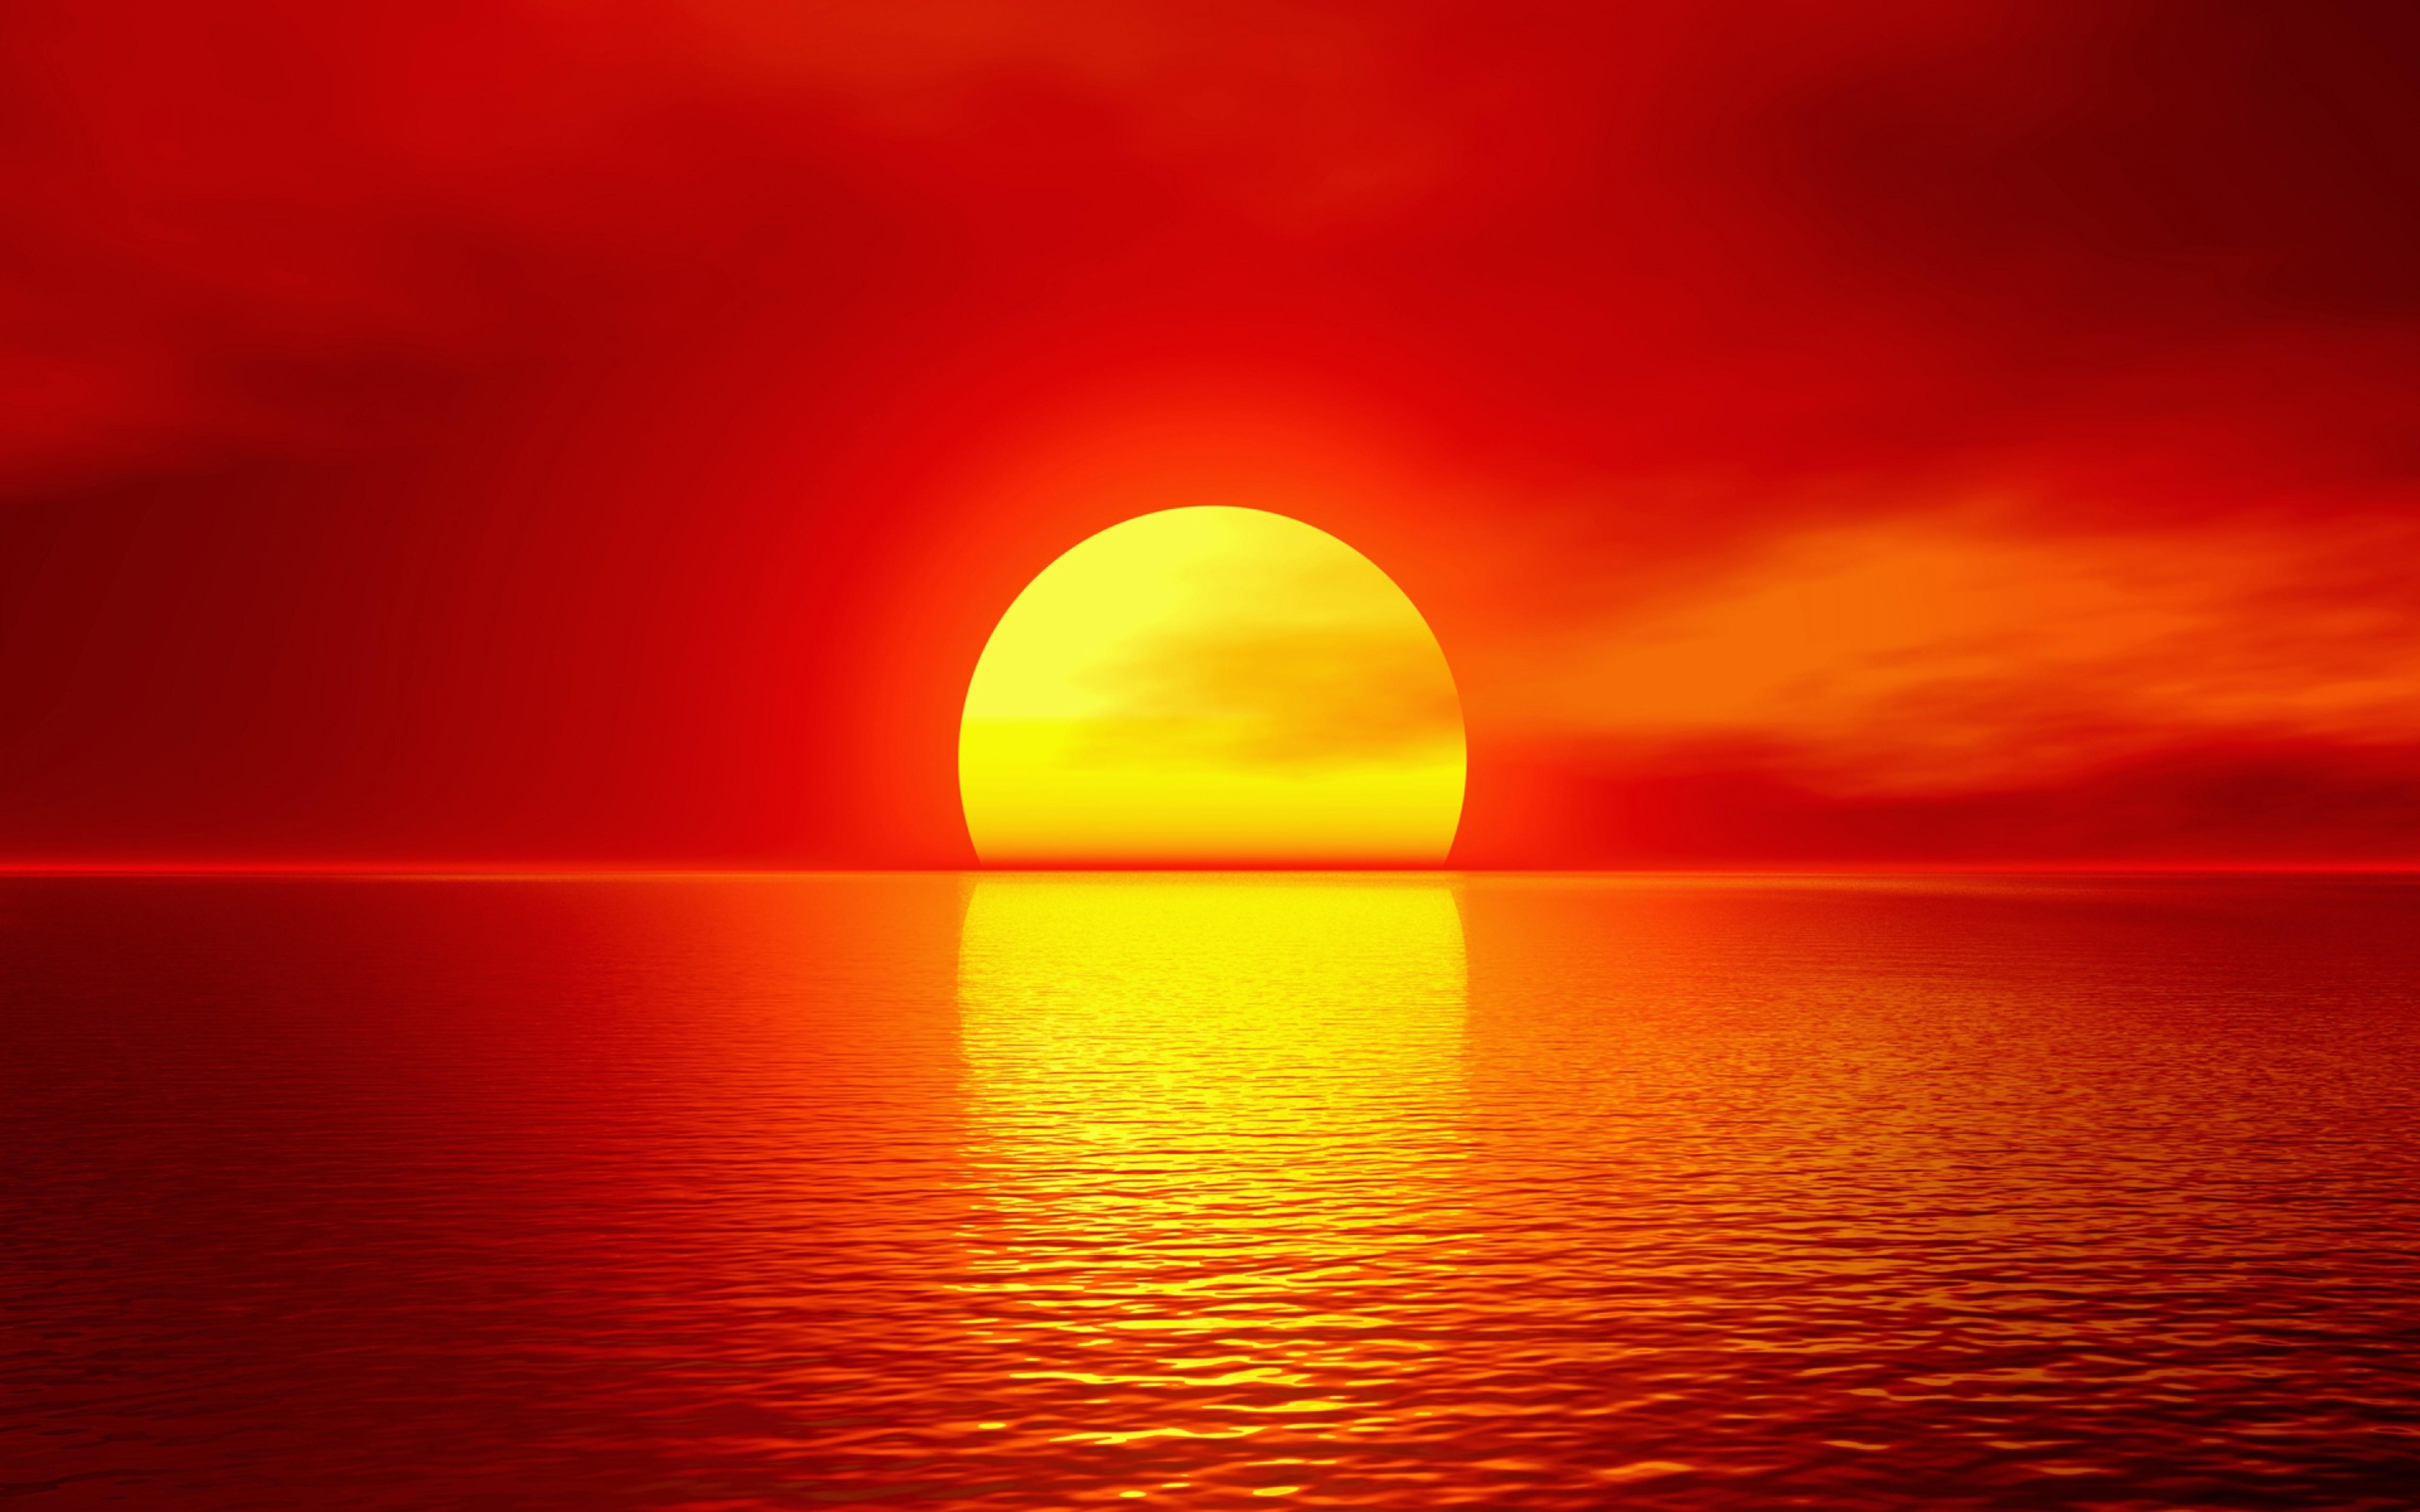 Big golden ball - summer sunset over the ocean